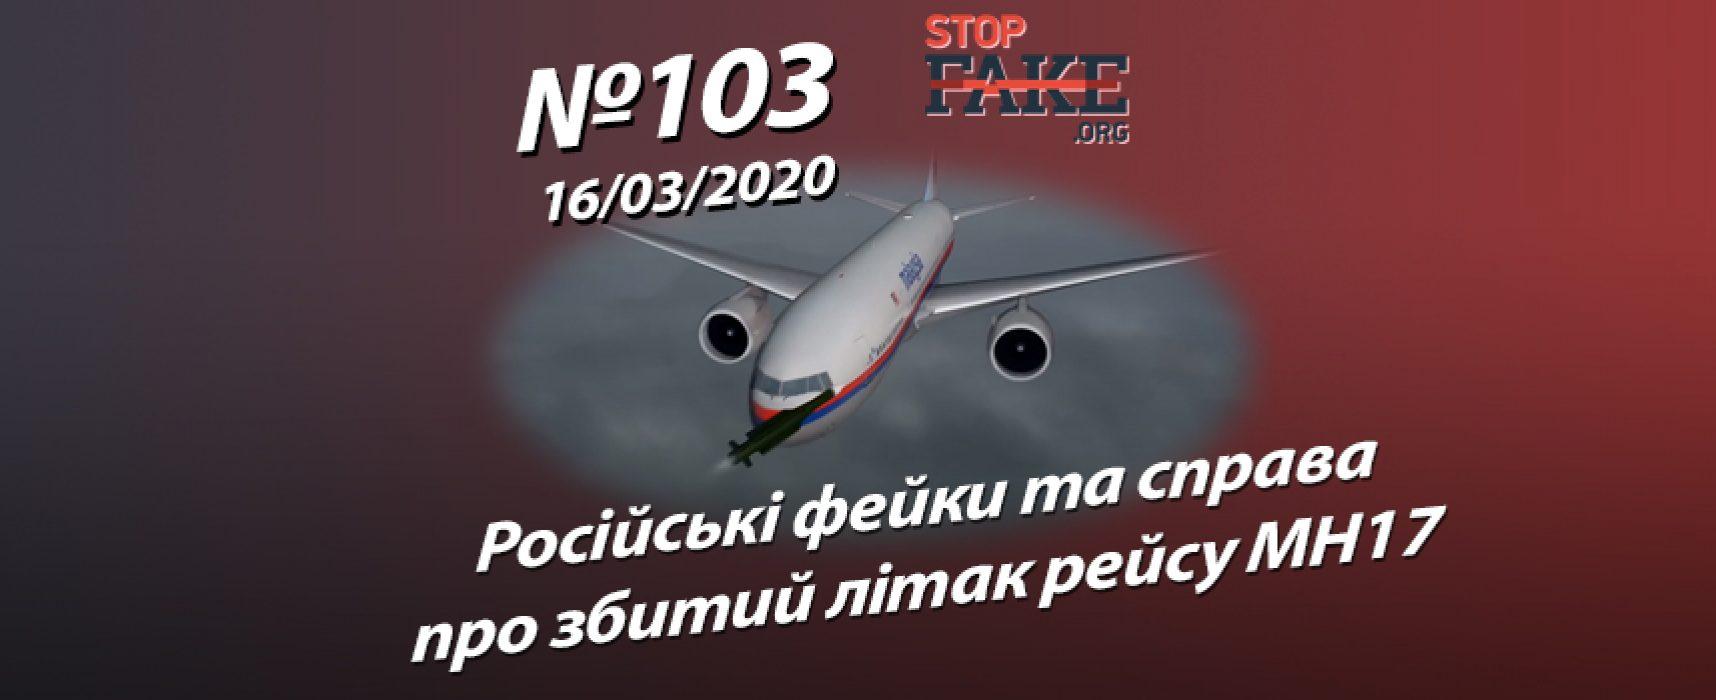 Російські фейки та справа про збитий літак рейсу MH17 – StopFake.org